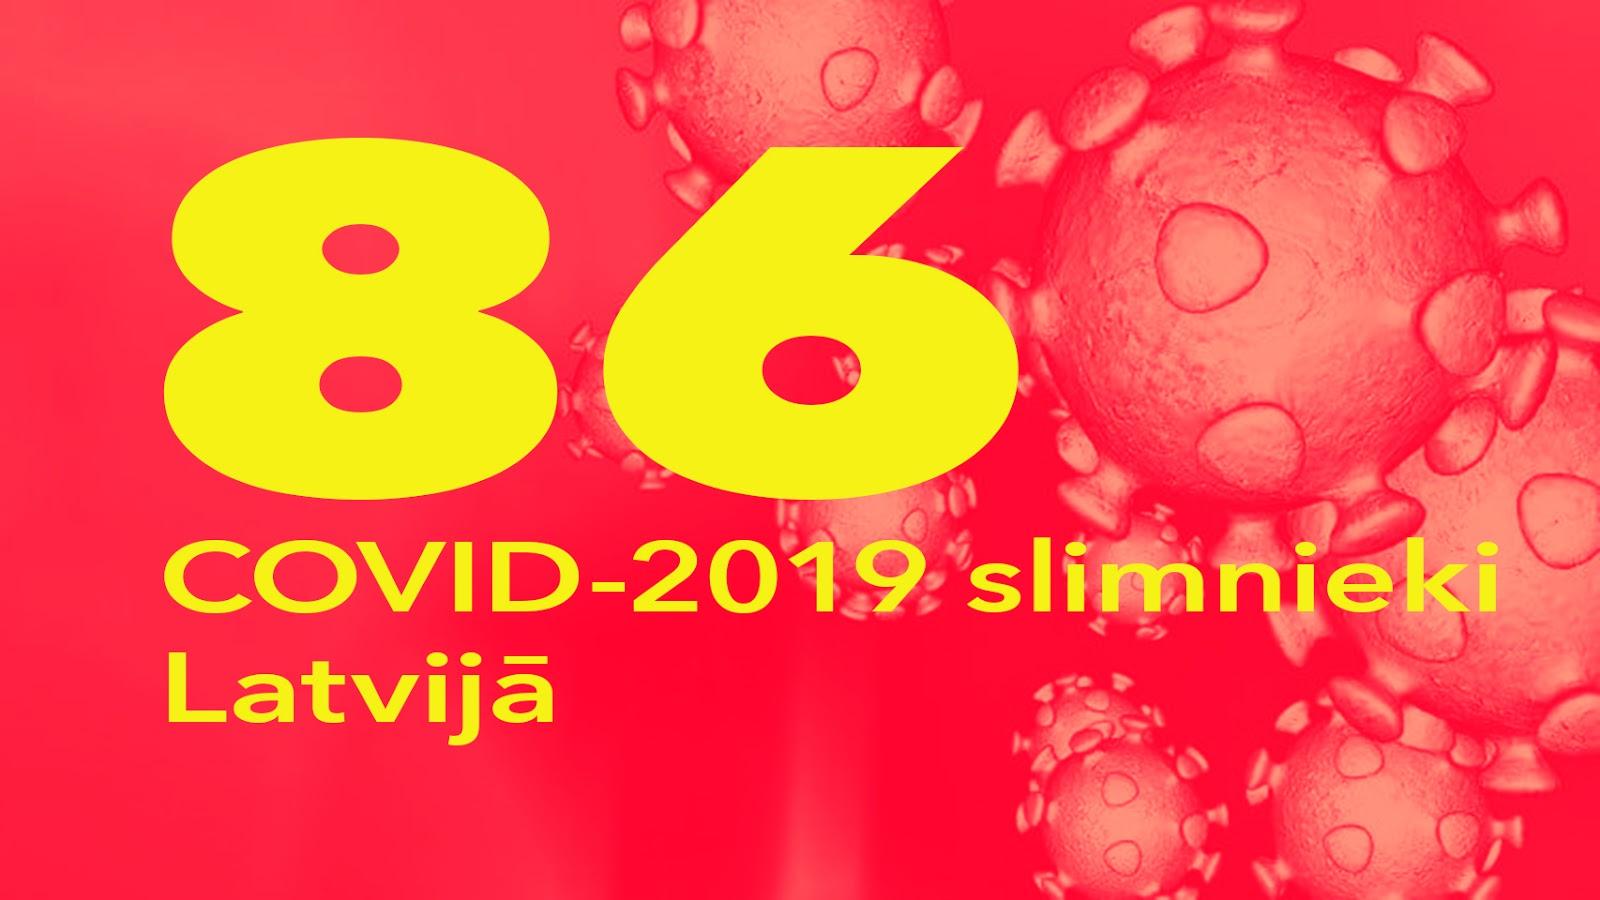 Koronavīrusa saslimušo skaits Latvijā 19.03.2020.